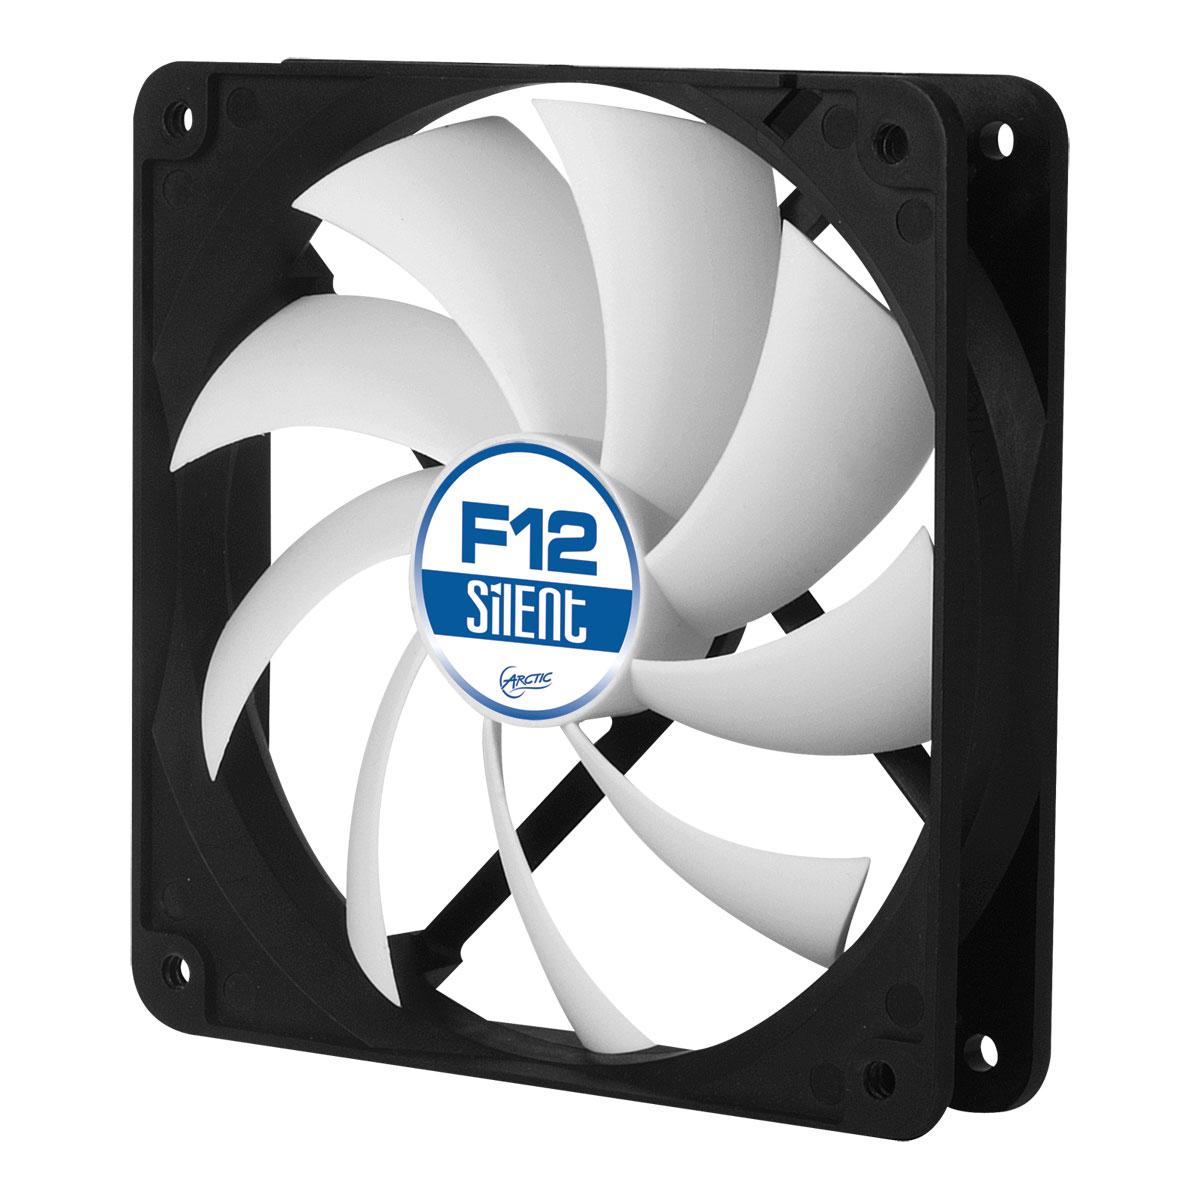 Ventilateur boîtier Arctic F12 Silent Ventilateur de boîtier 120 mm silencieux